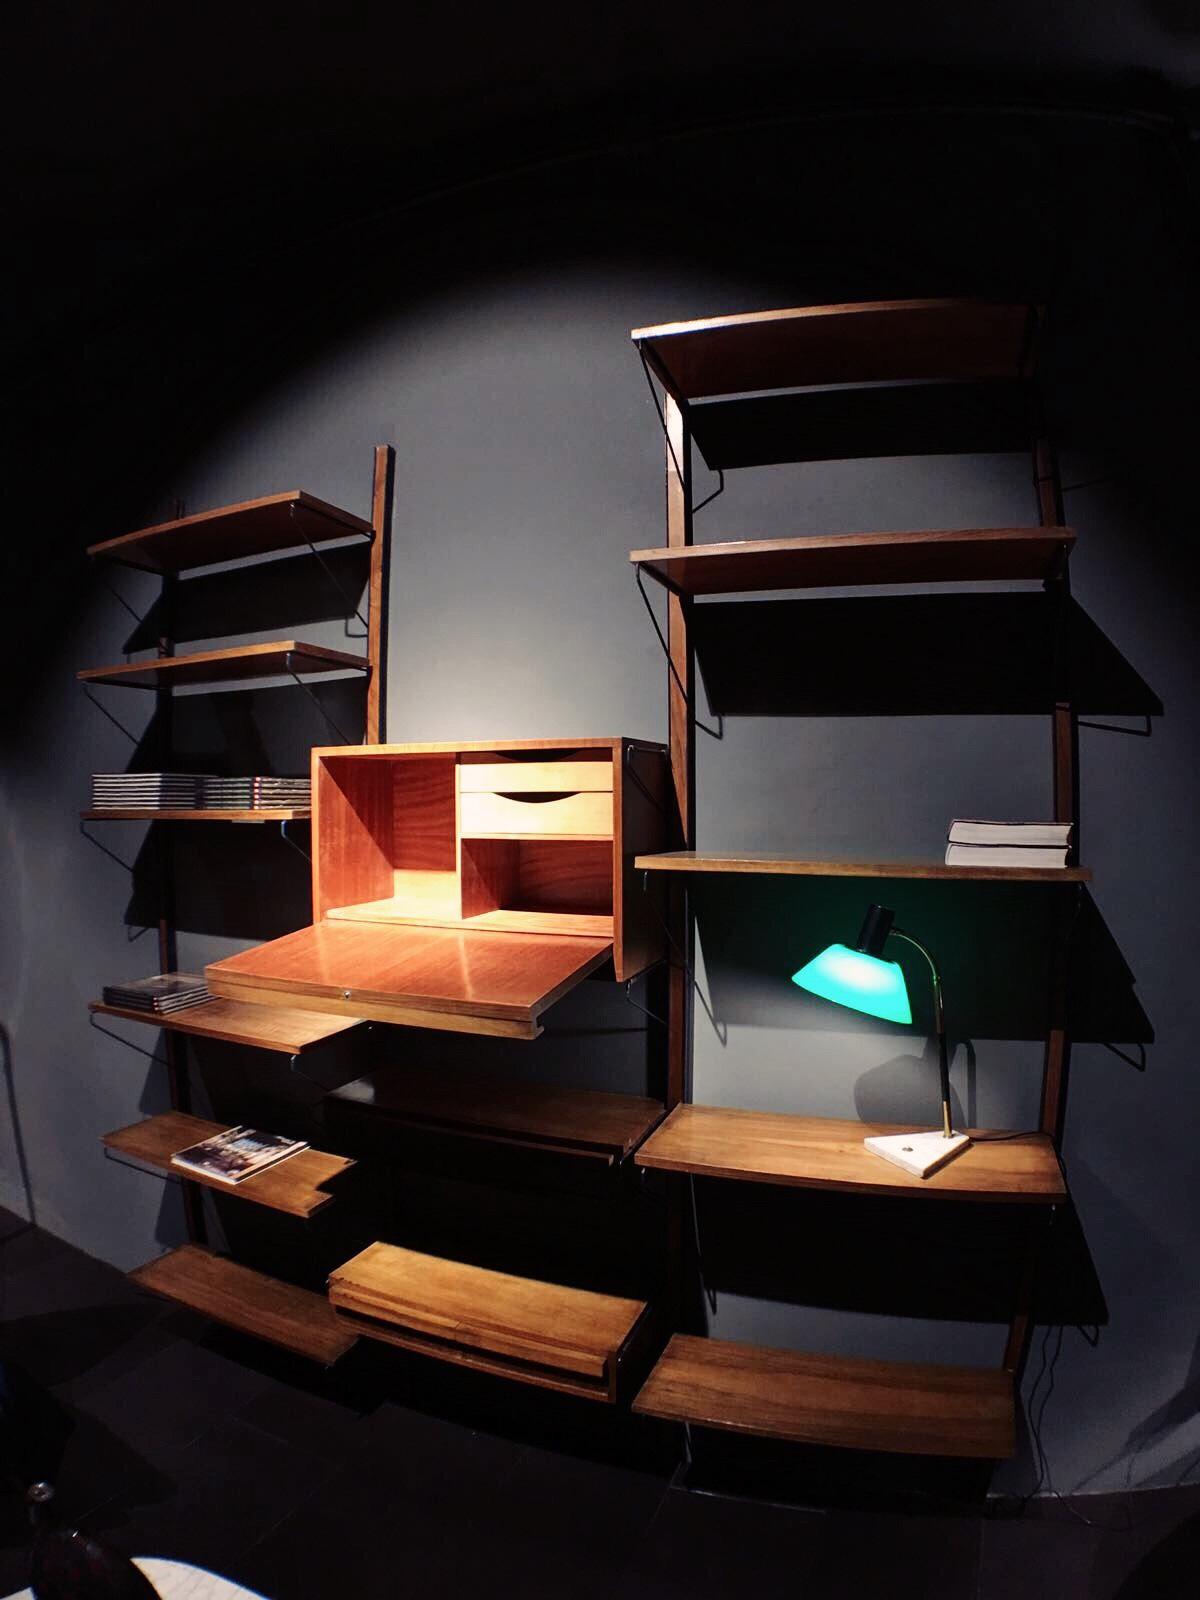 Libreria A Muro In Legno.Libreria A Muro In Legno Negozio Antiquariato Verona Modernariato